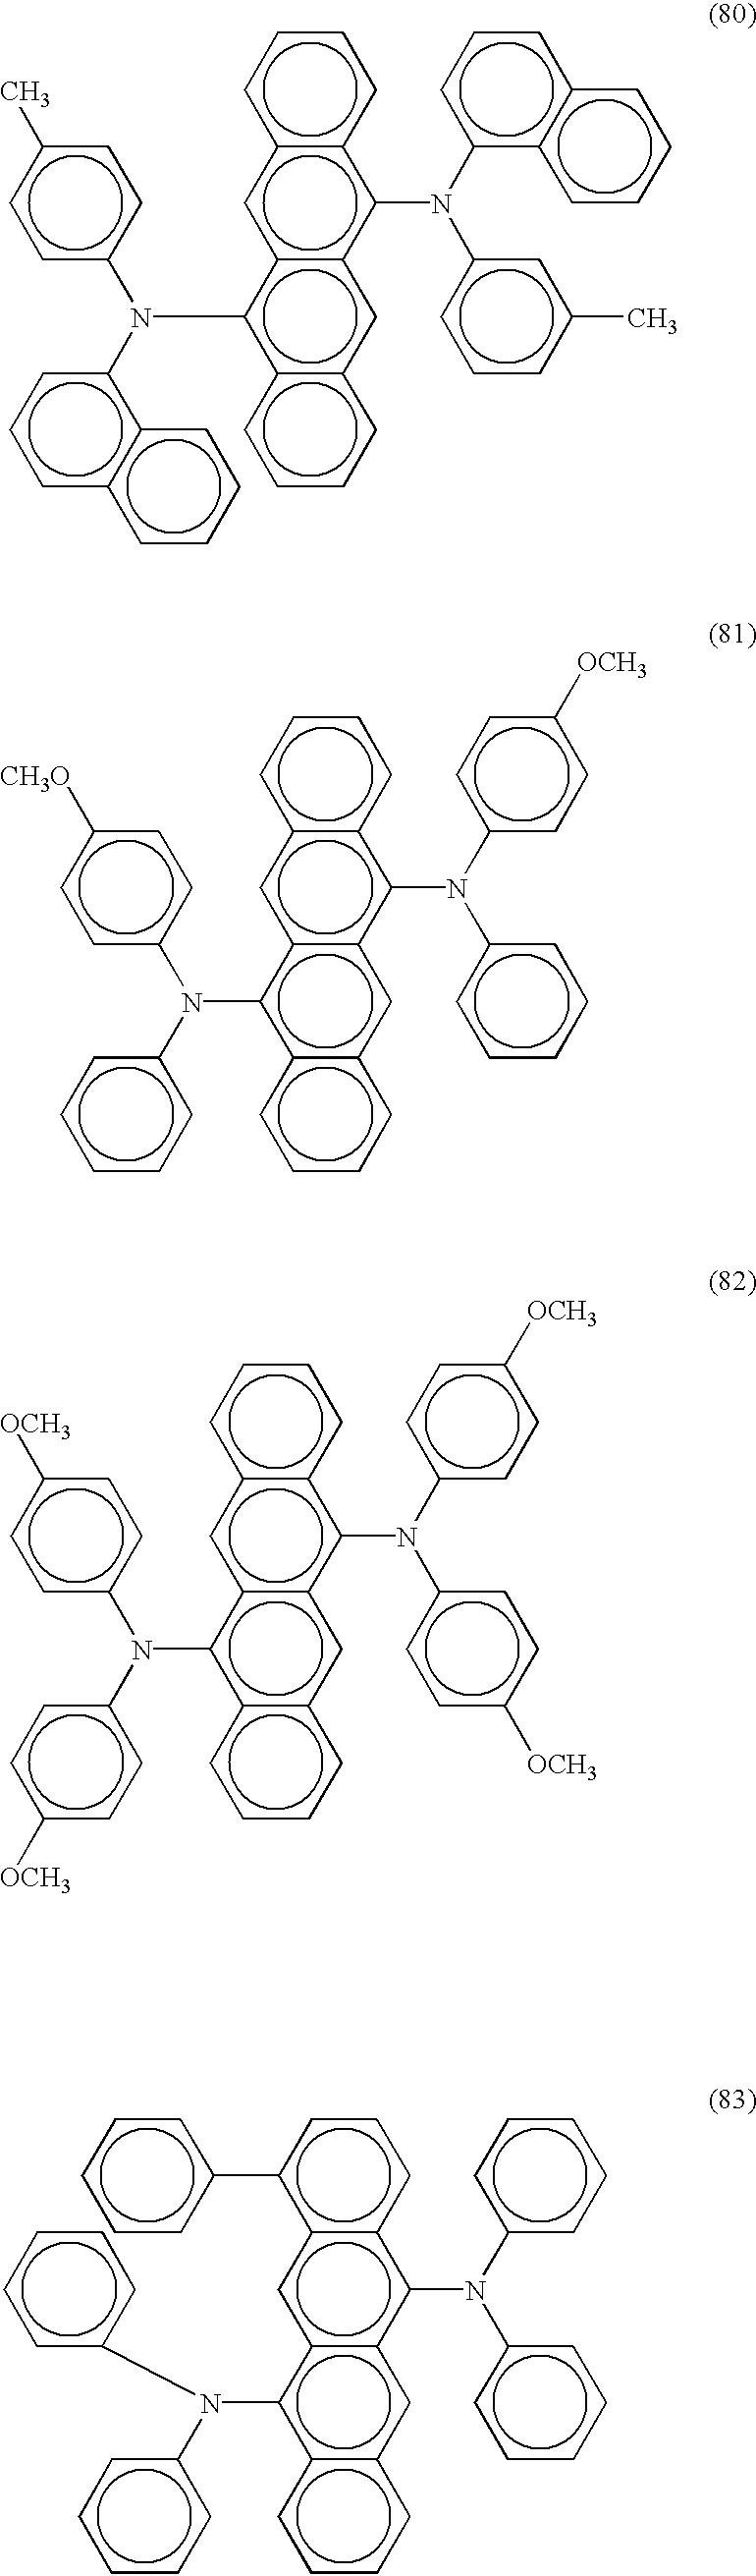 Figure US06743948-20040601-C00049